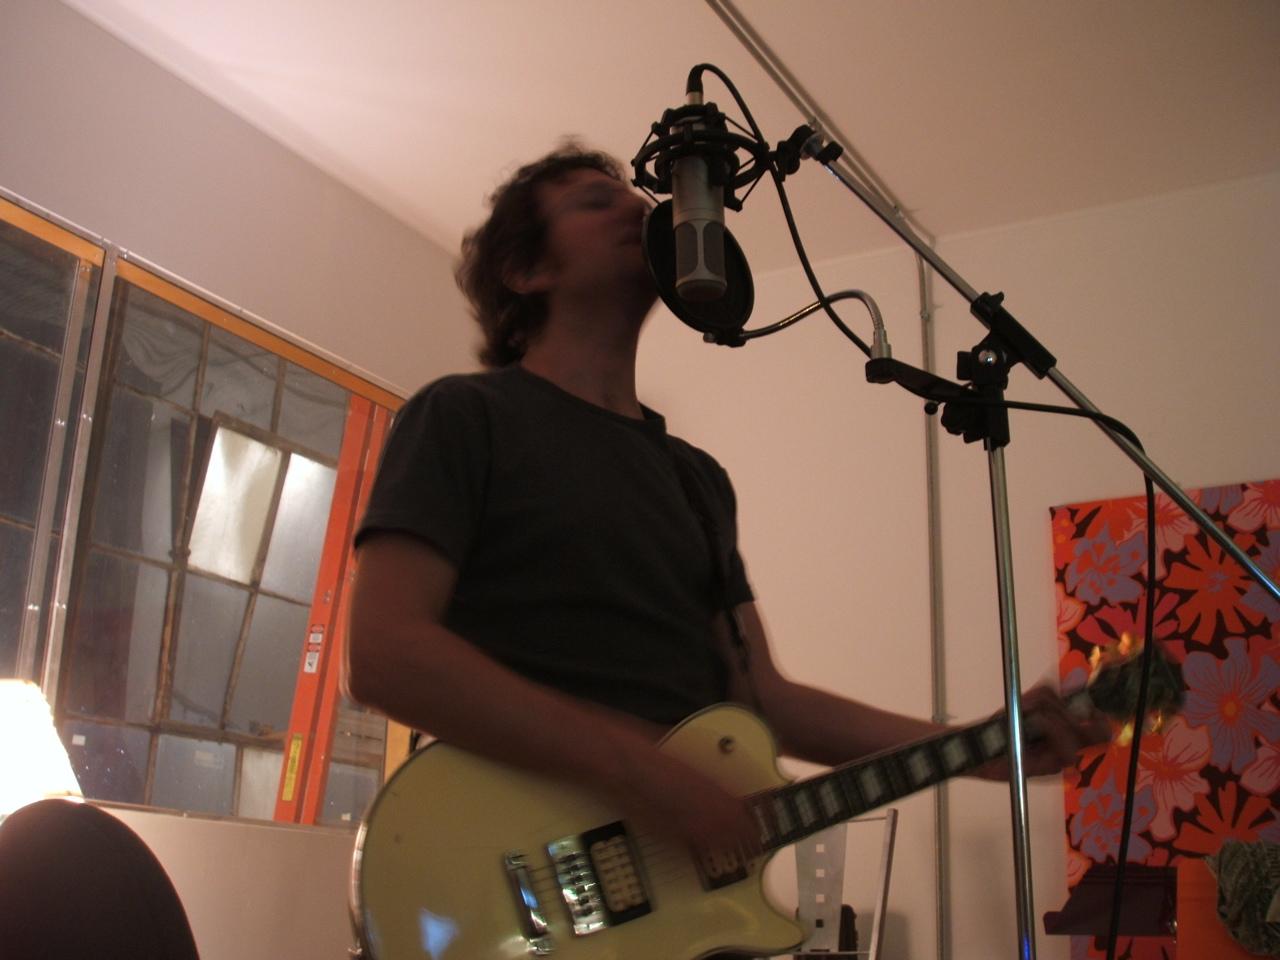 sing-it_412807383_o.jpg